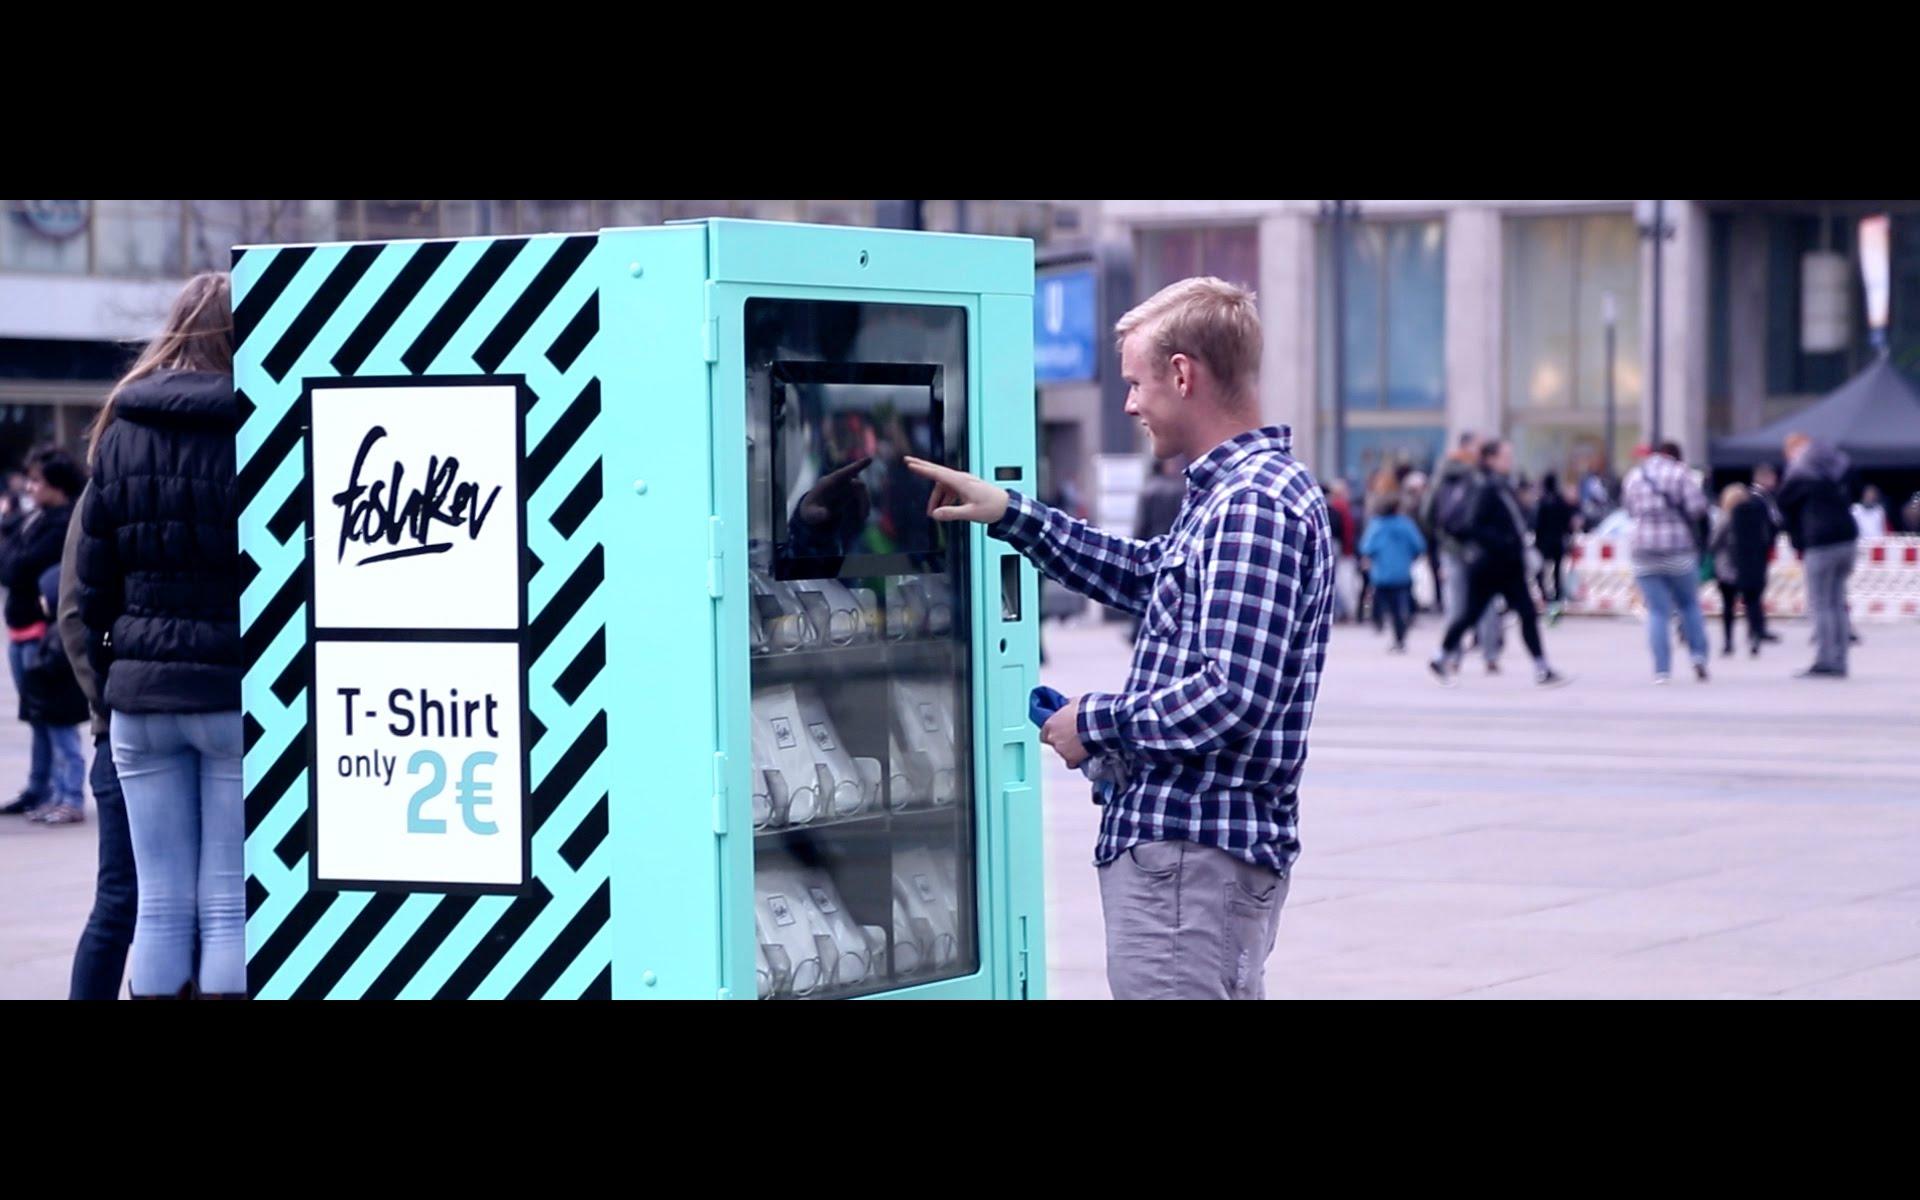 Ein Automat, der dir zeigt, wie dein 2-€-Shirt produziert wurde